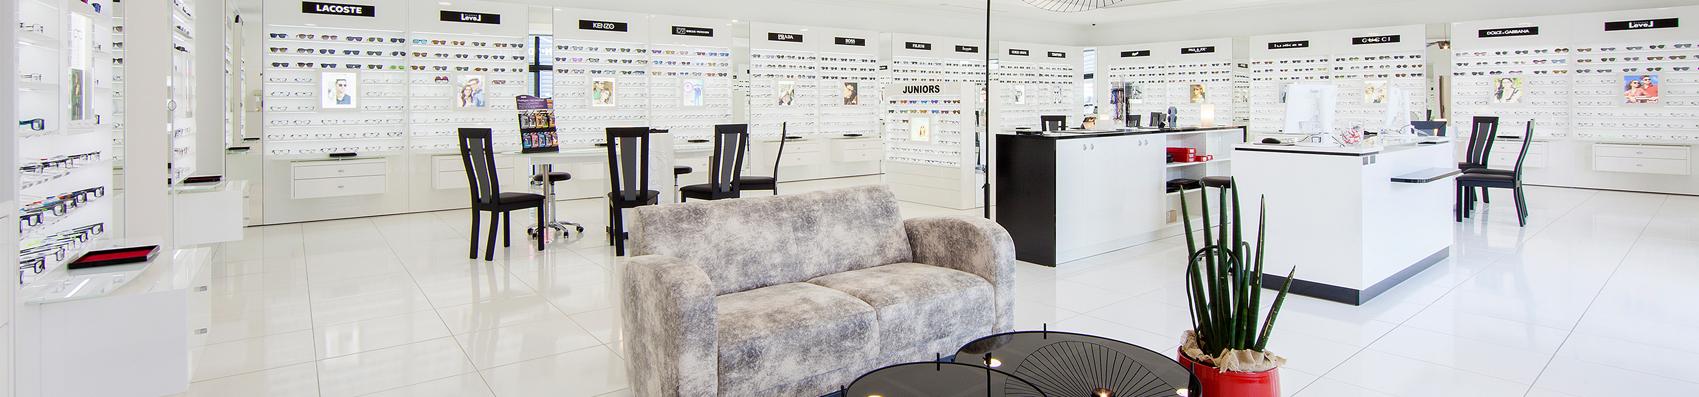 fb506e2201b37 Retrouvez tous les avis client sur les offres et services Optical Center